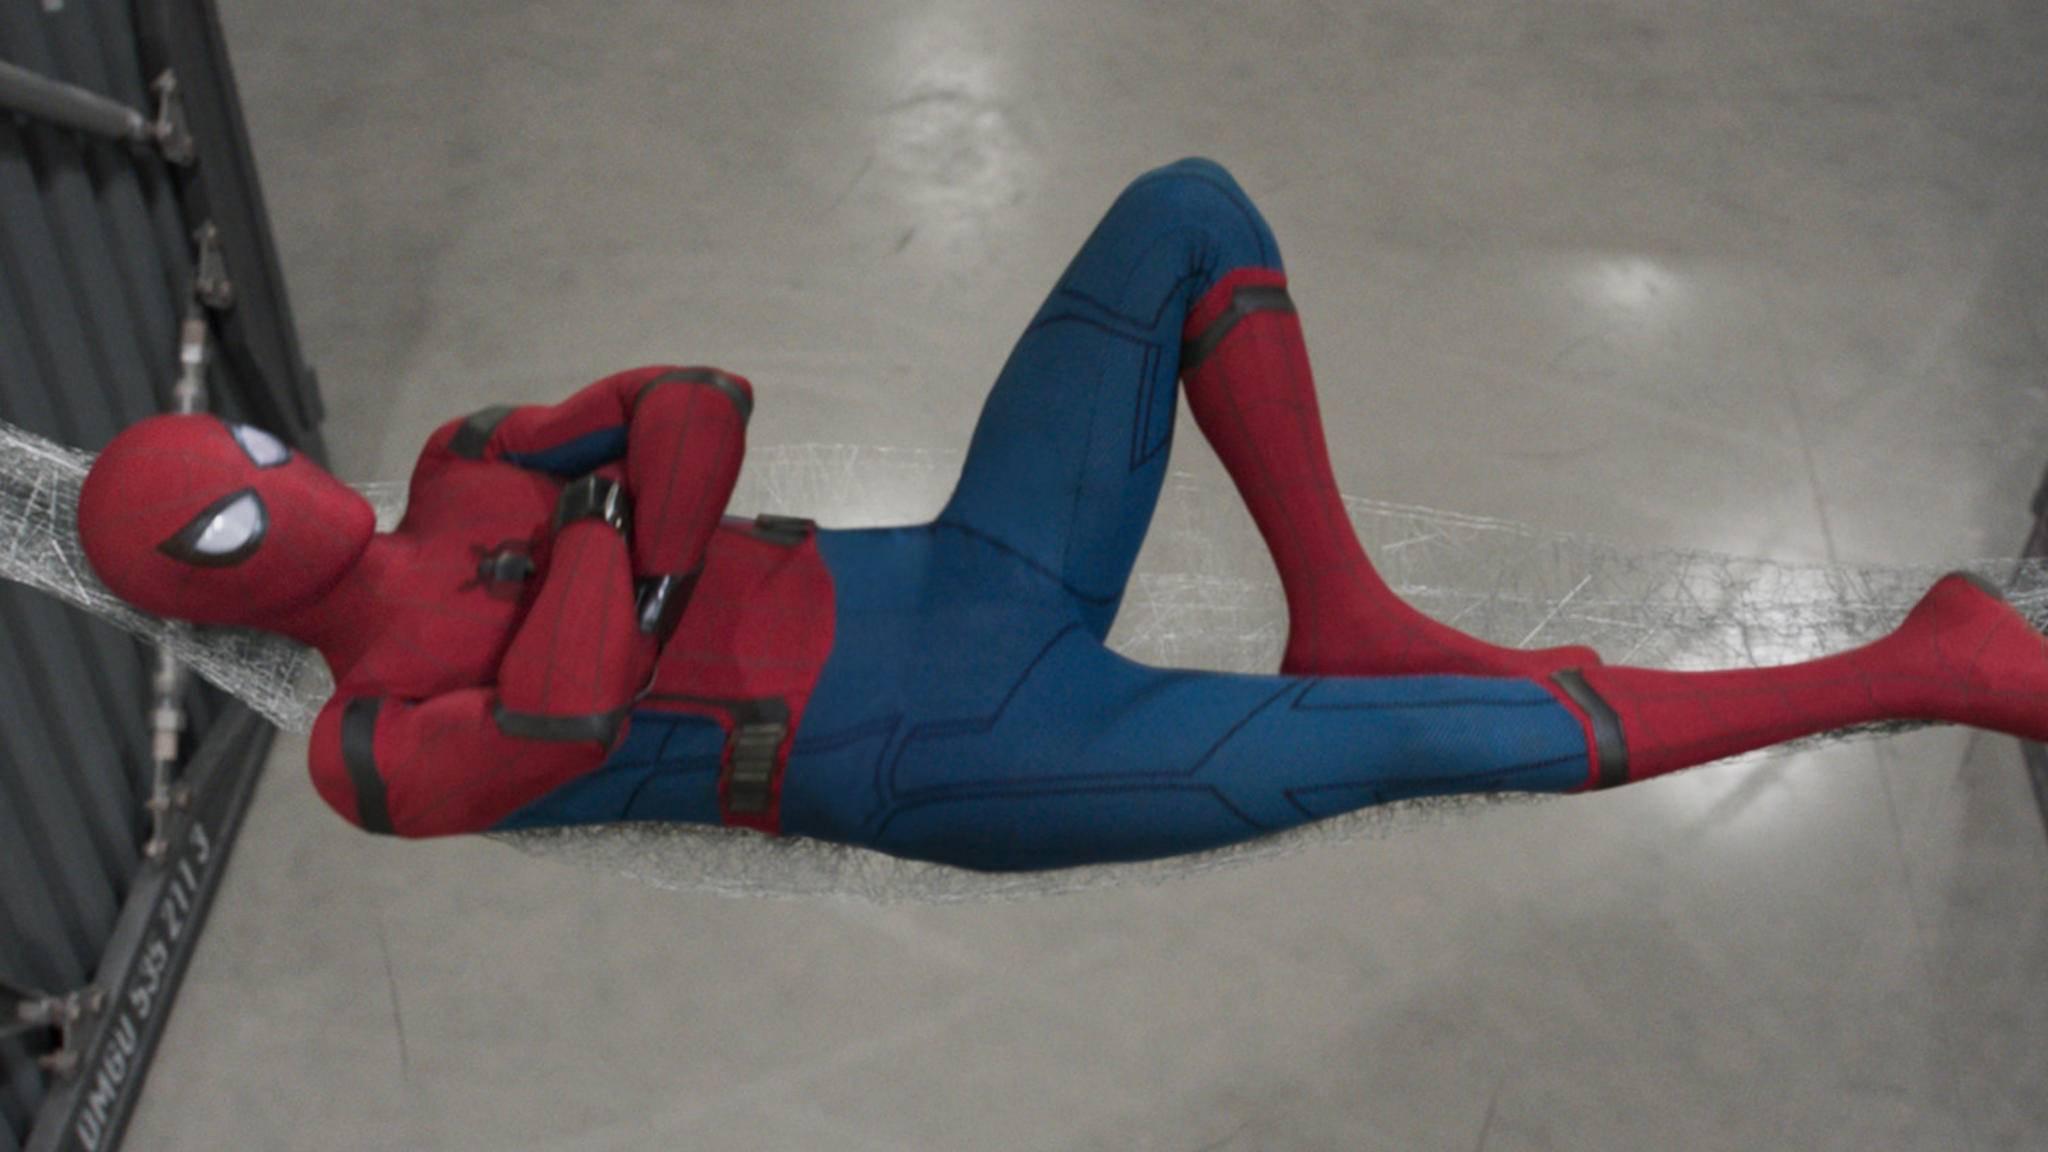 Abhängen kommt für Tom Holland nicht infrage: Er will Spider-Man noch viele weitere Jahre spielen.